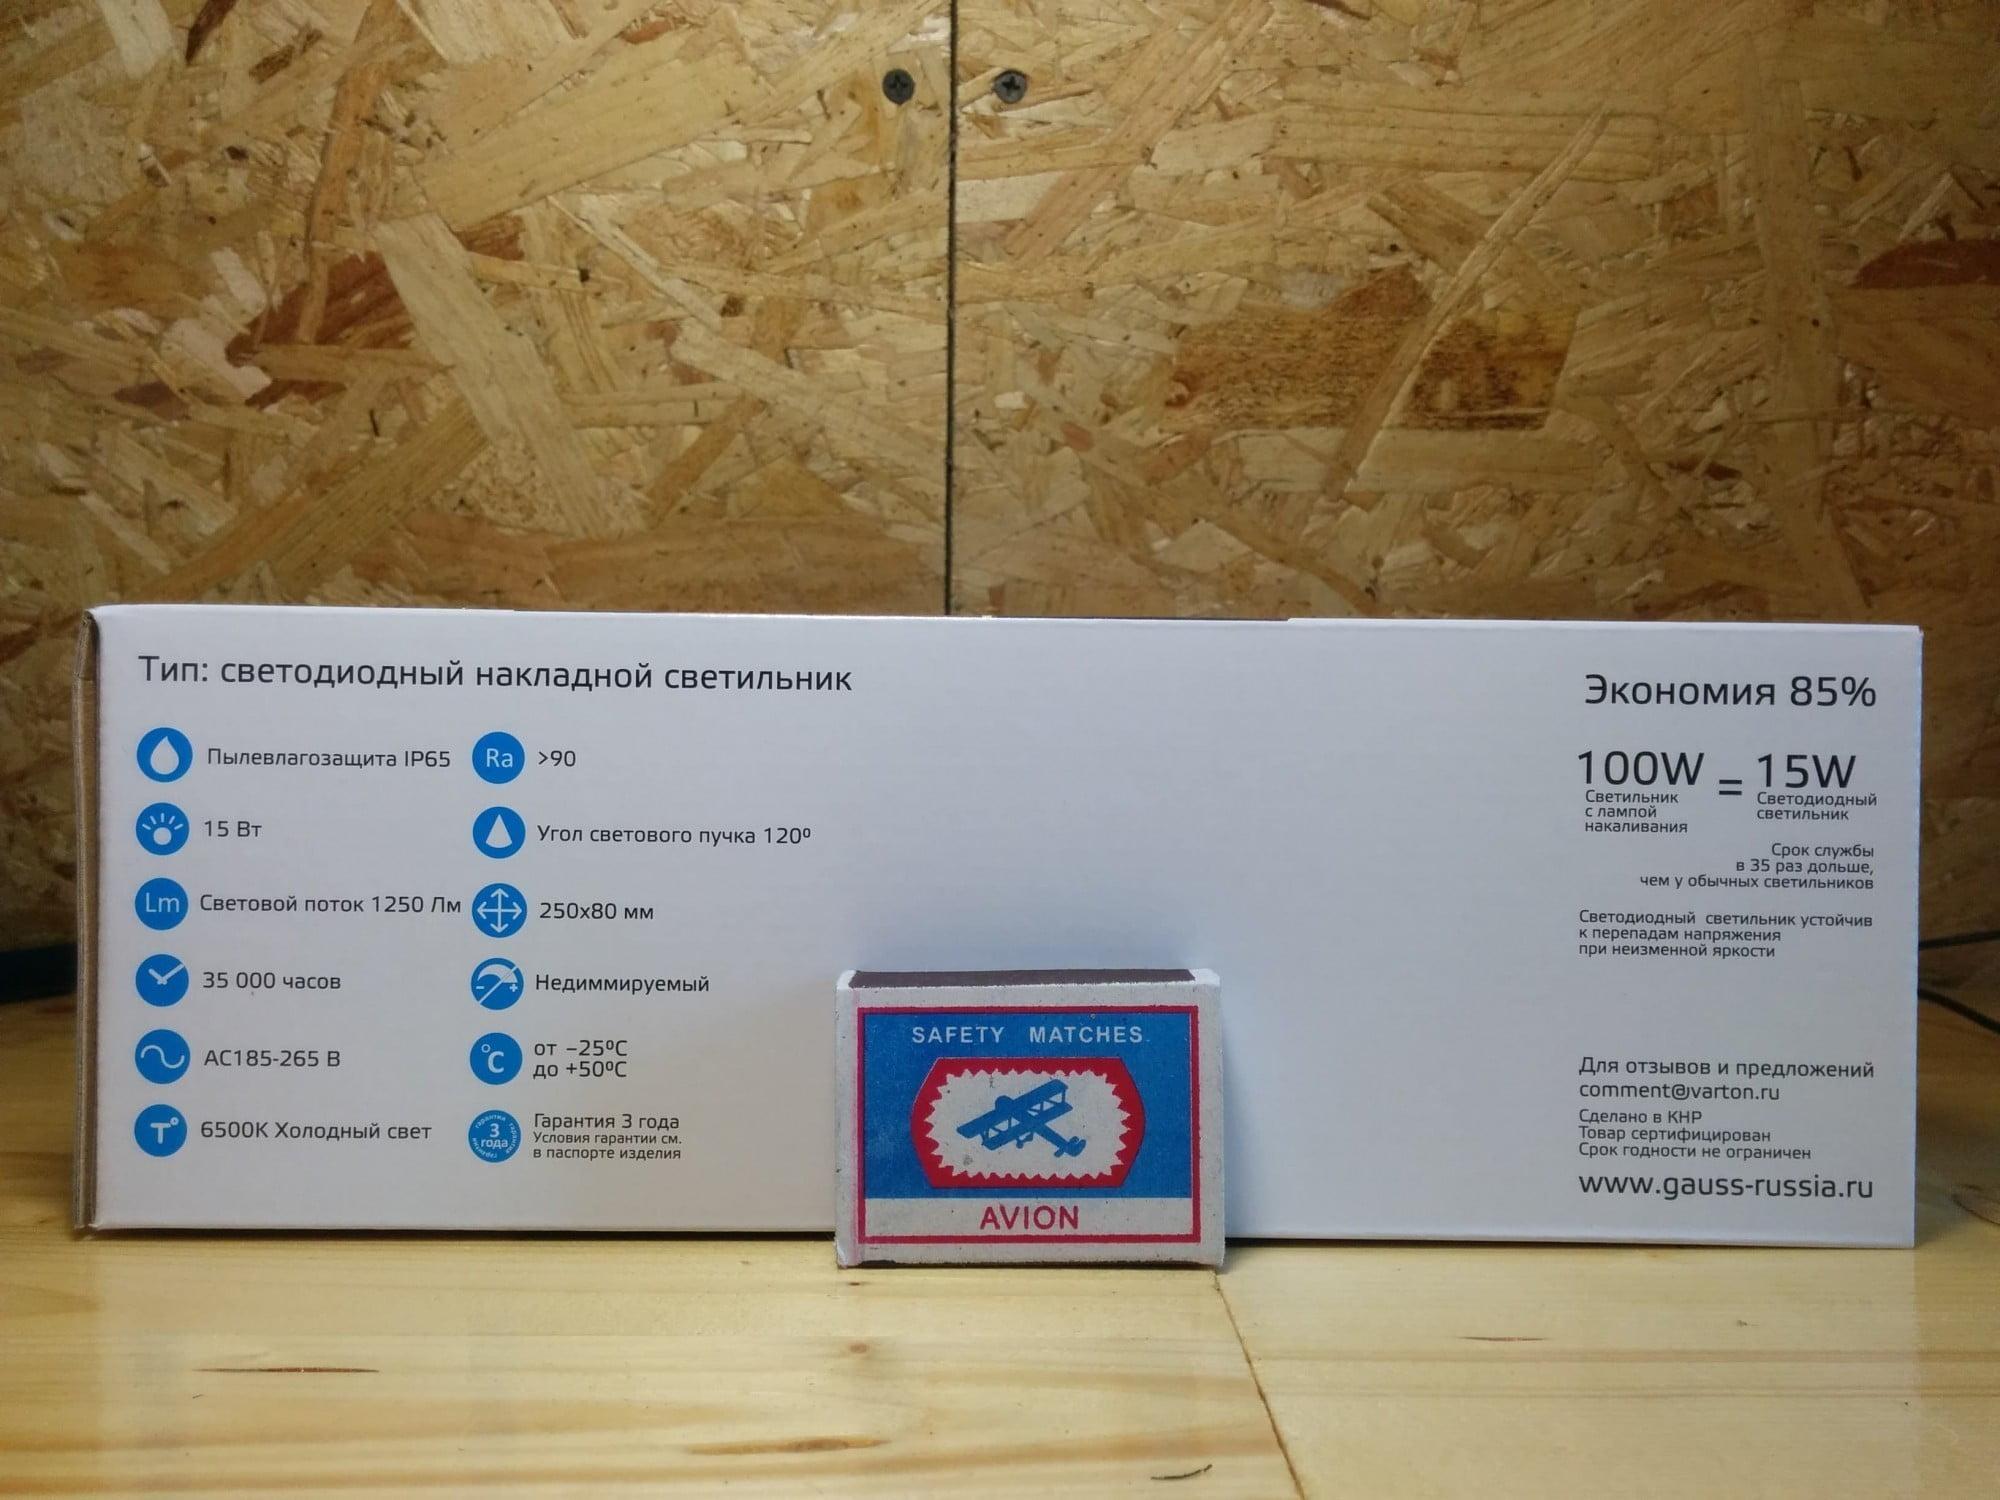 Светодиодный светильник Gauss круглый IP65 15W 6500K 1/6 арт. 141411315 характеристики